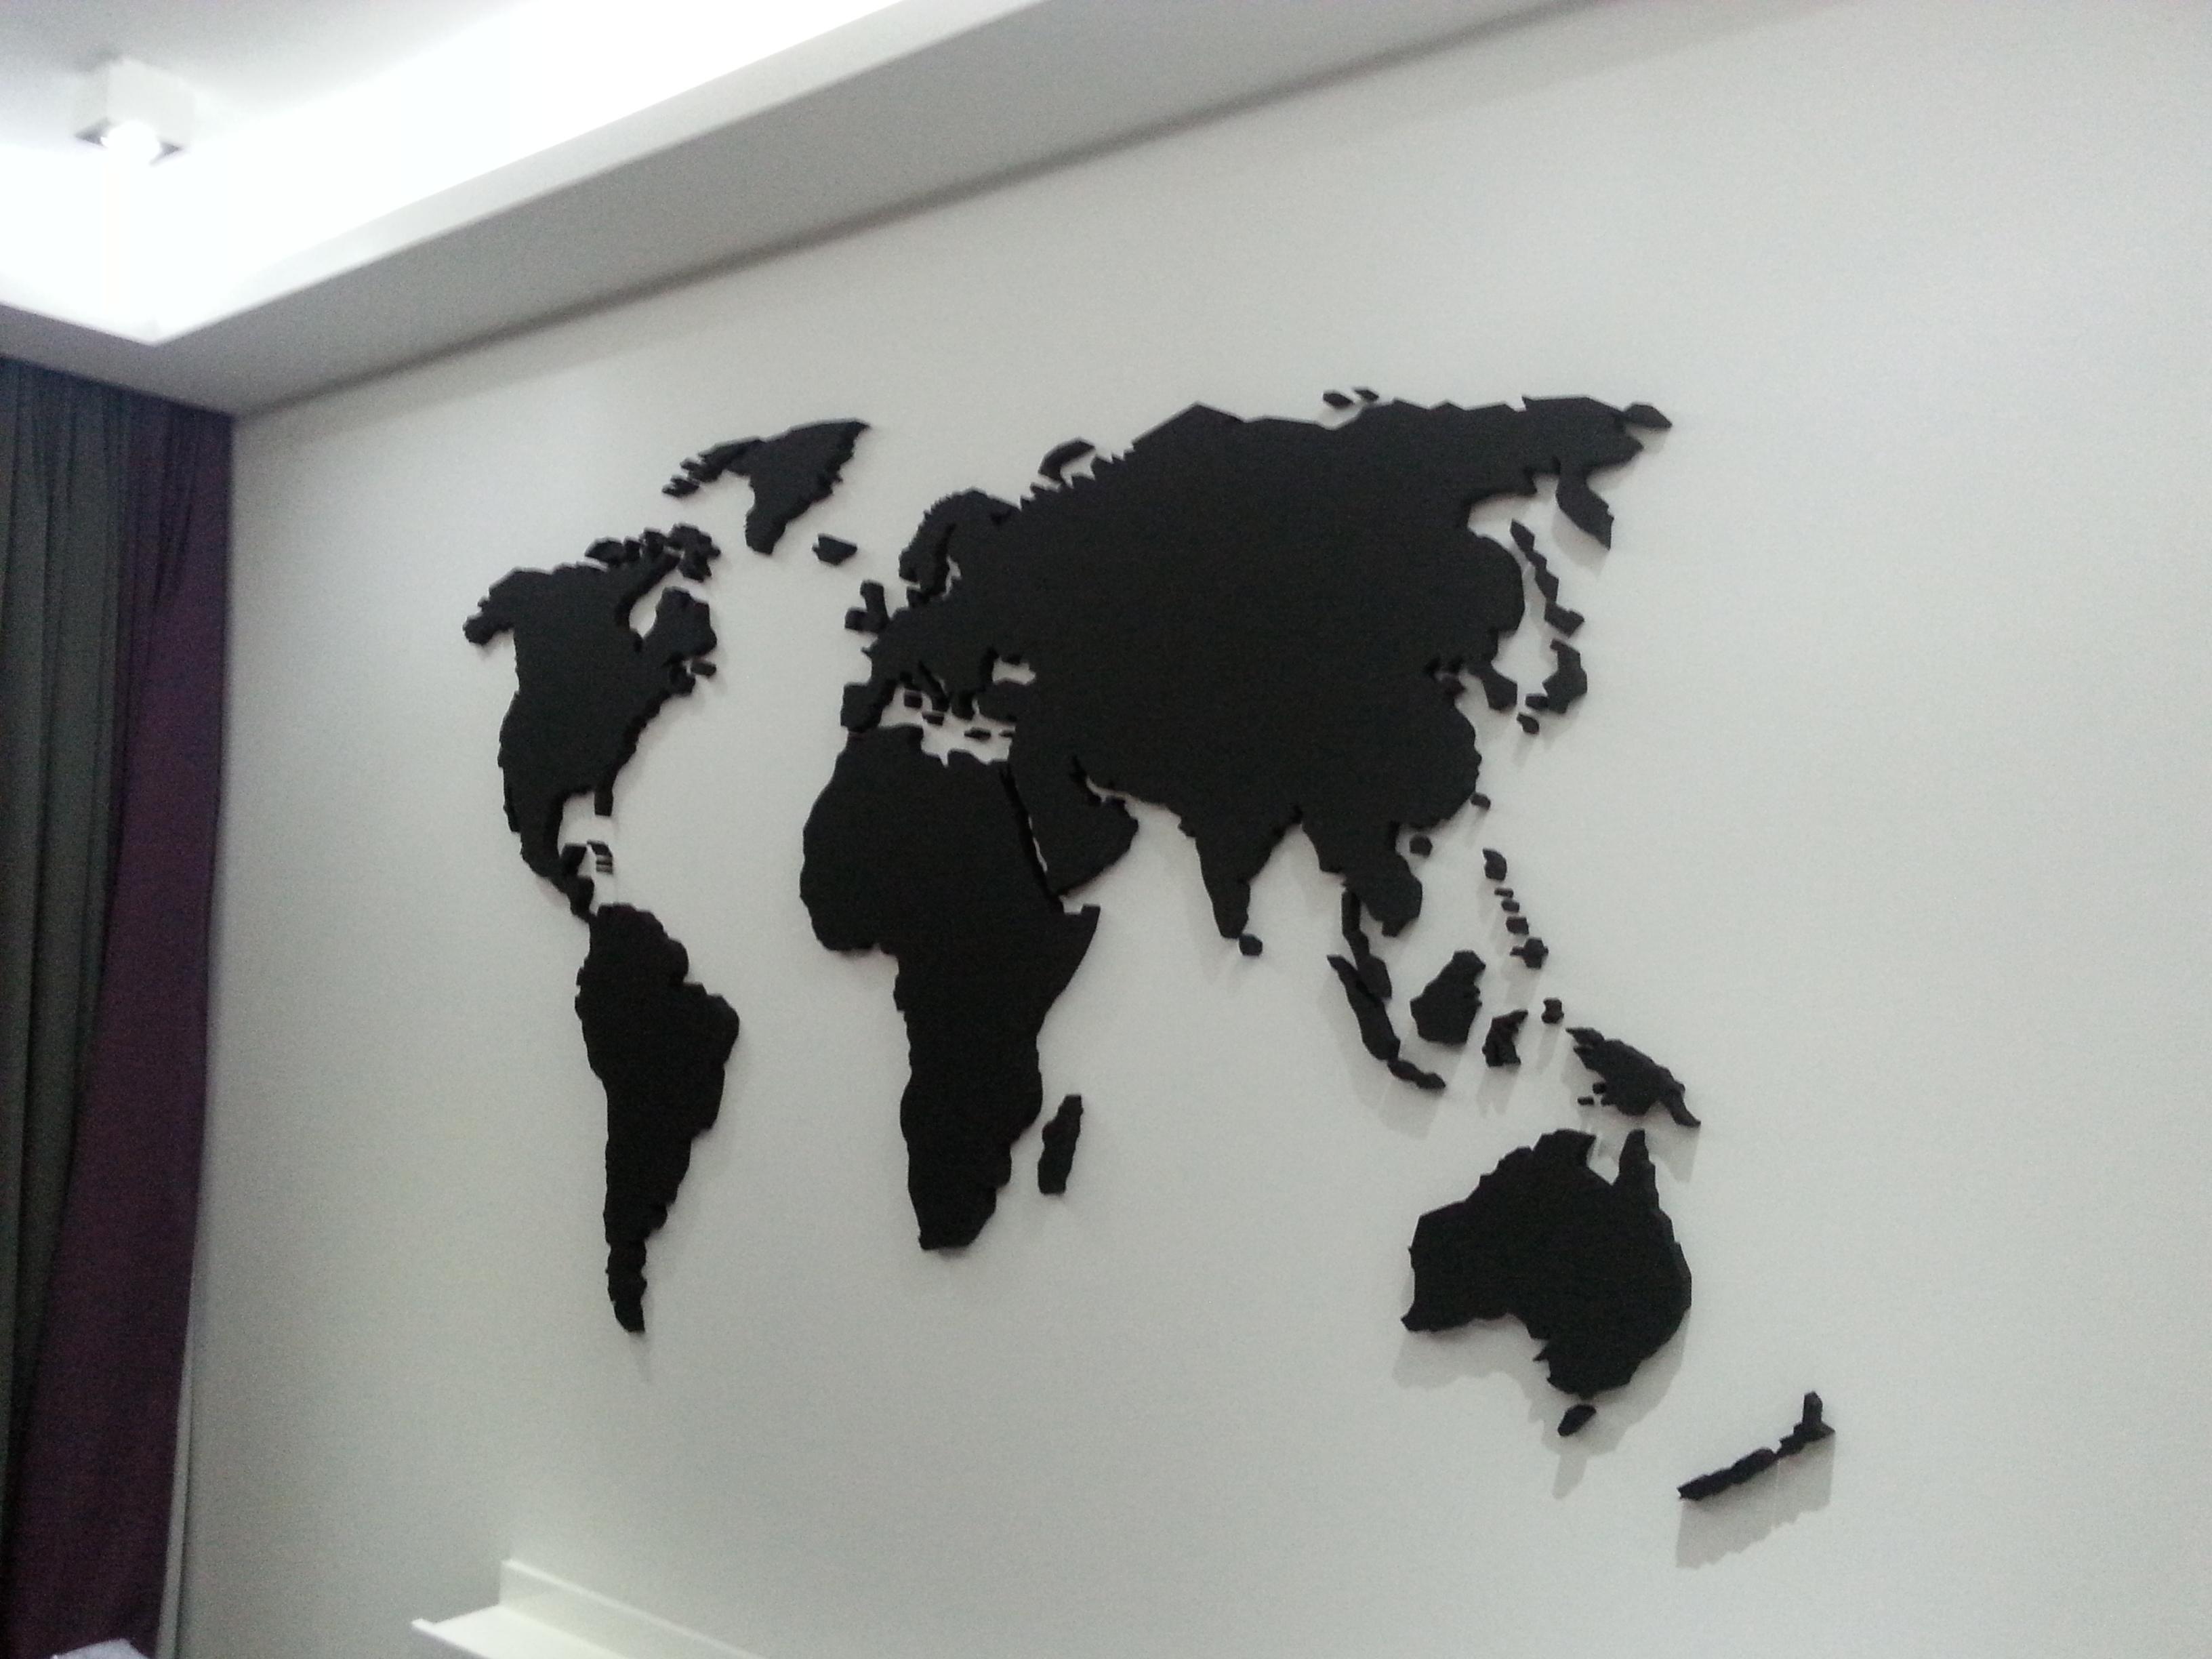 Mapa Swiata na Sciane Mapa 3d Mapa 3d na Sciane